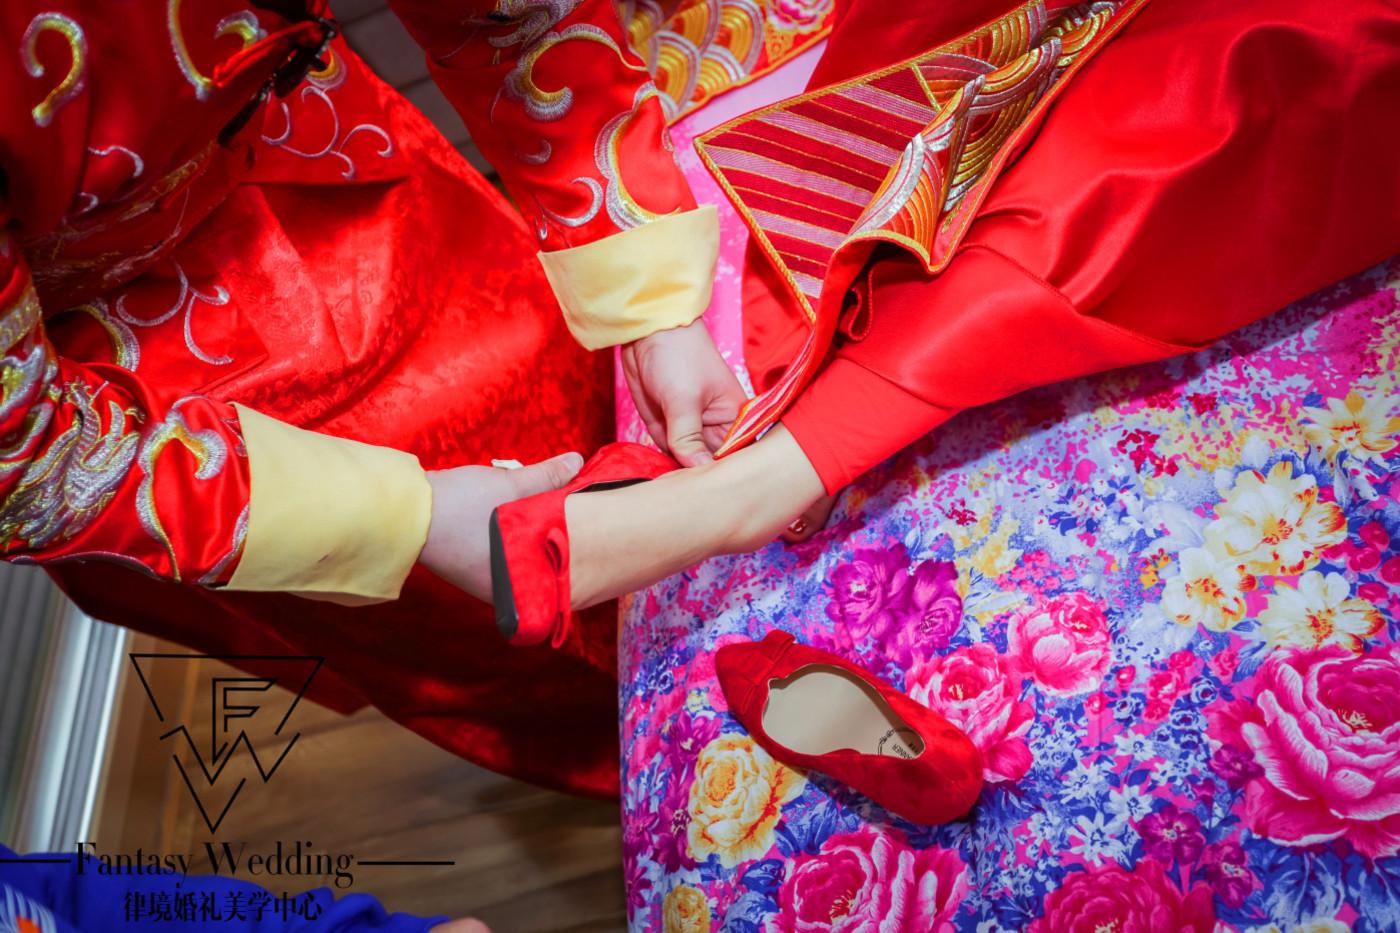 「Fantasy Wedding」&G R 白金汉爵10